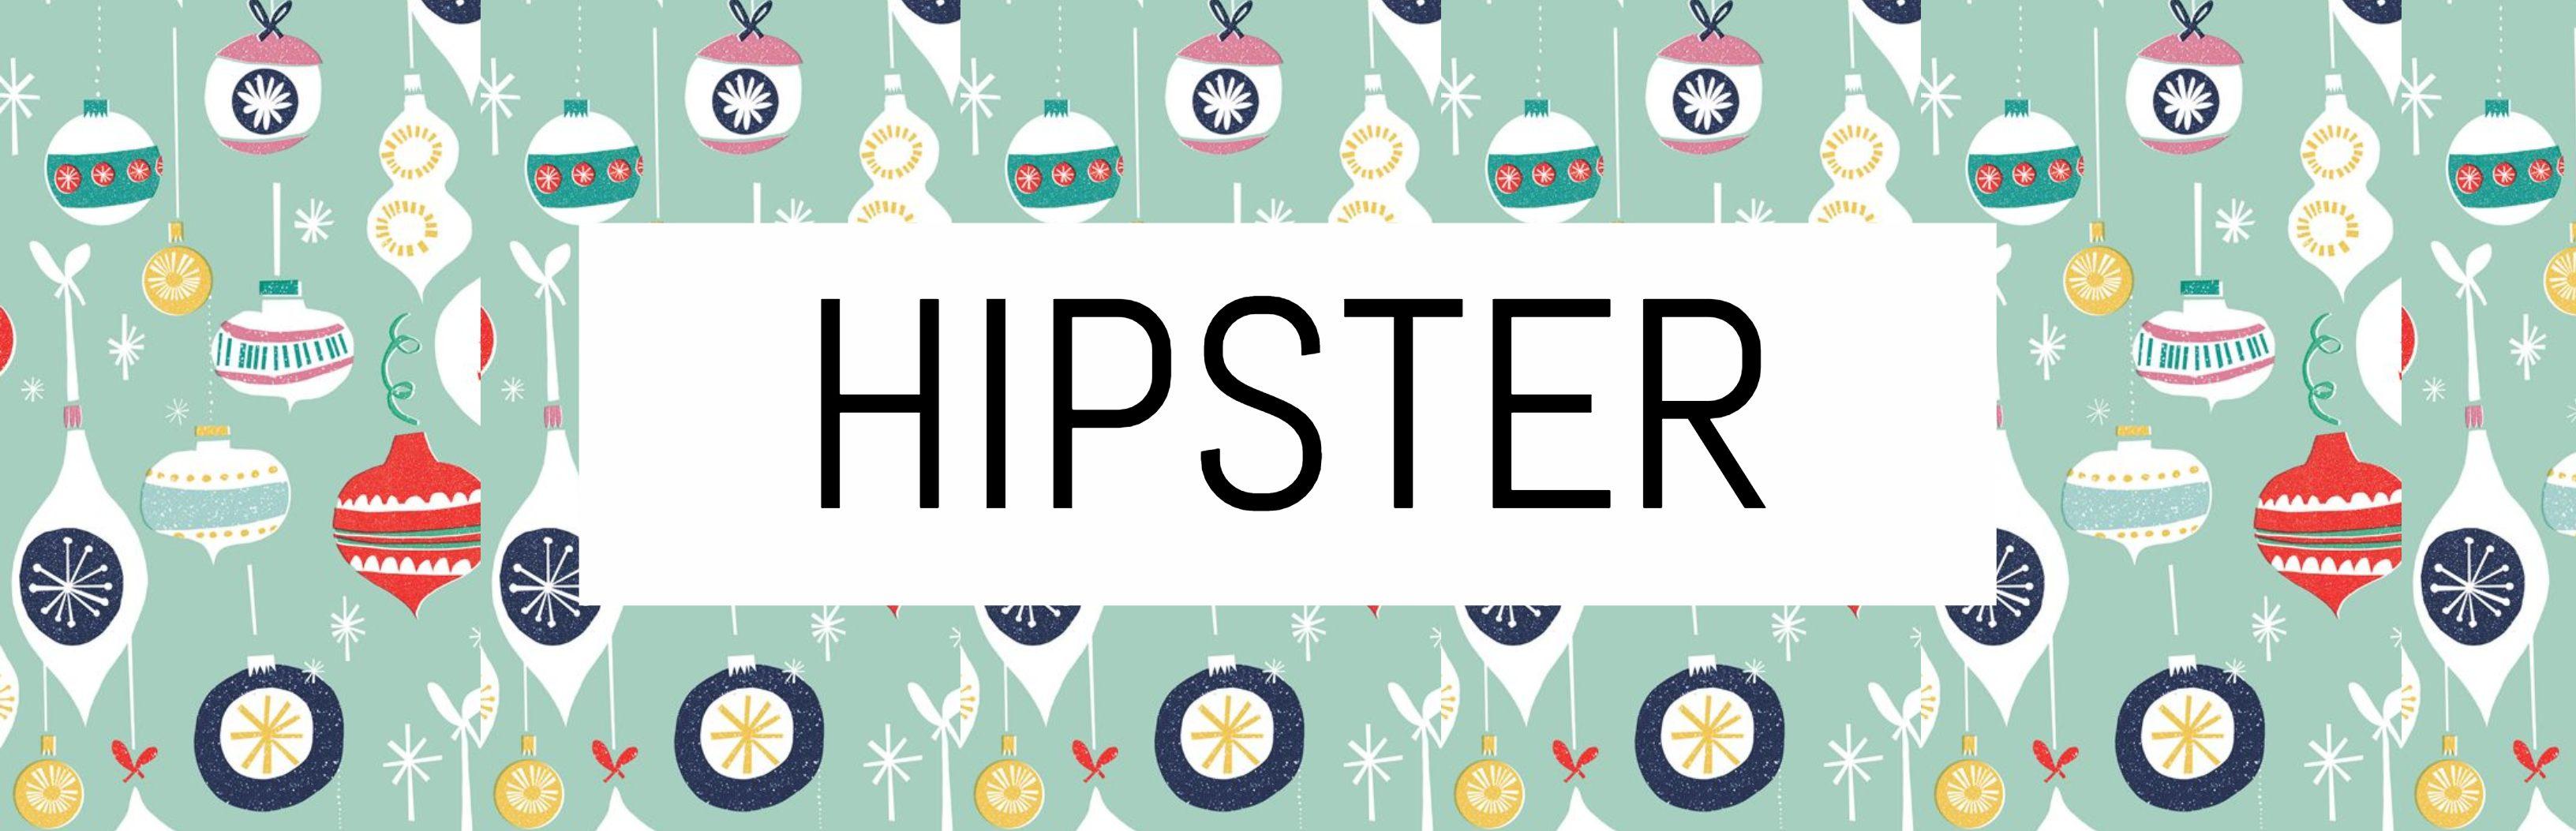 15 ideias de presentes para o Natal: dê pedras e cristais hipster